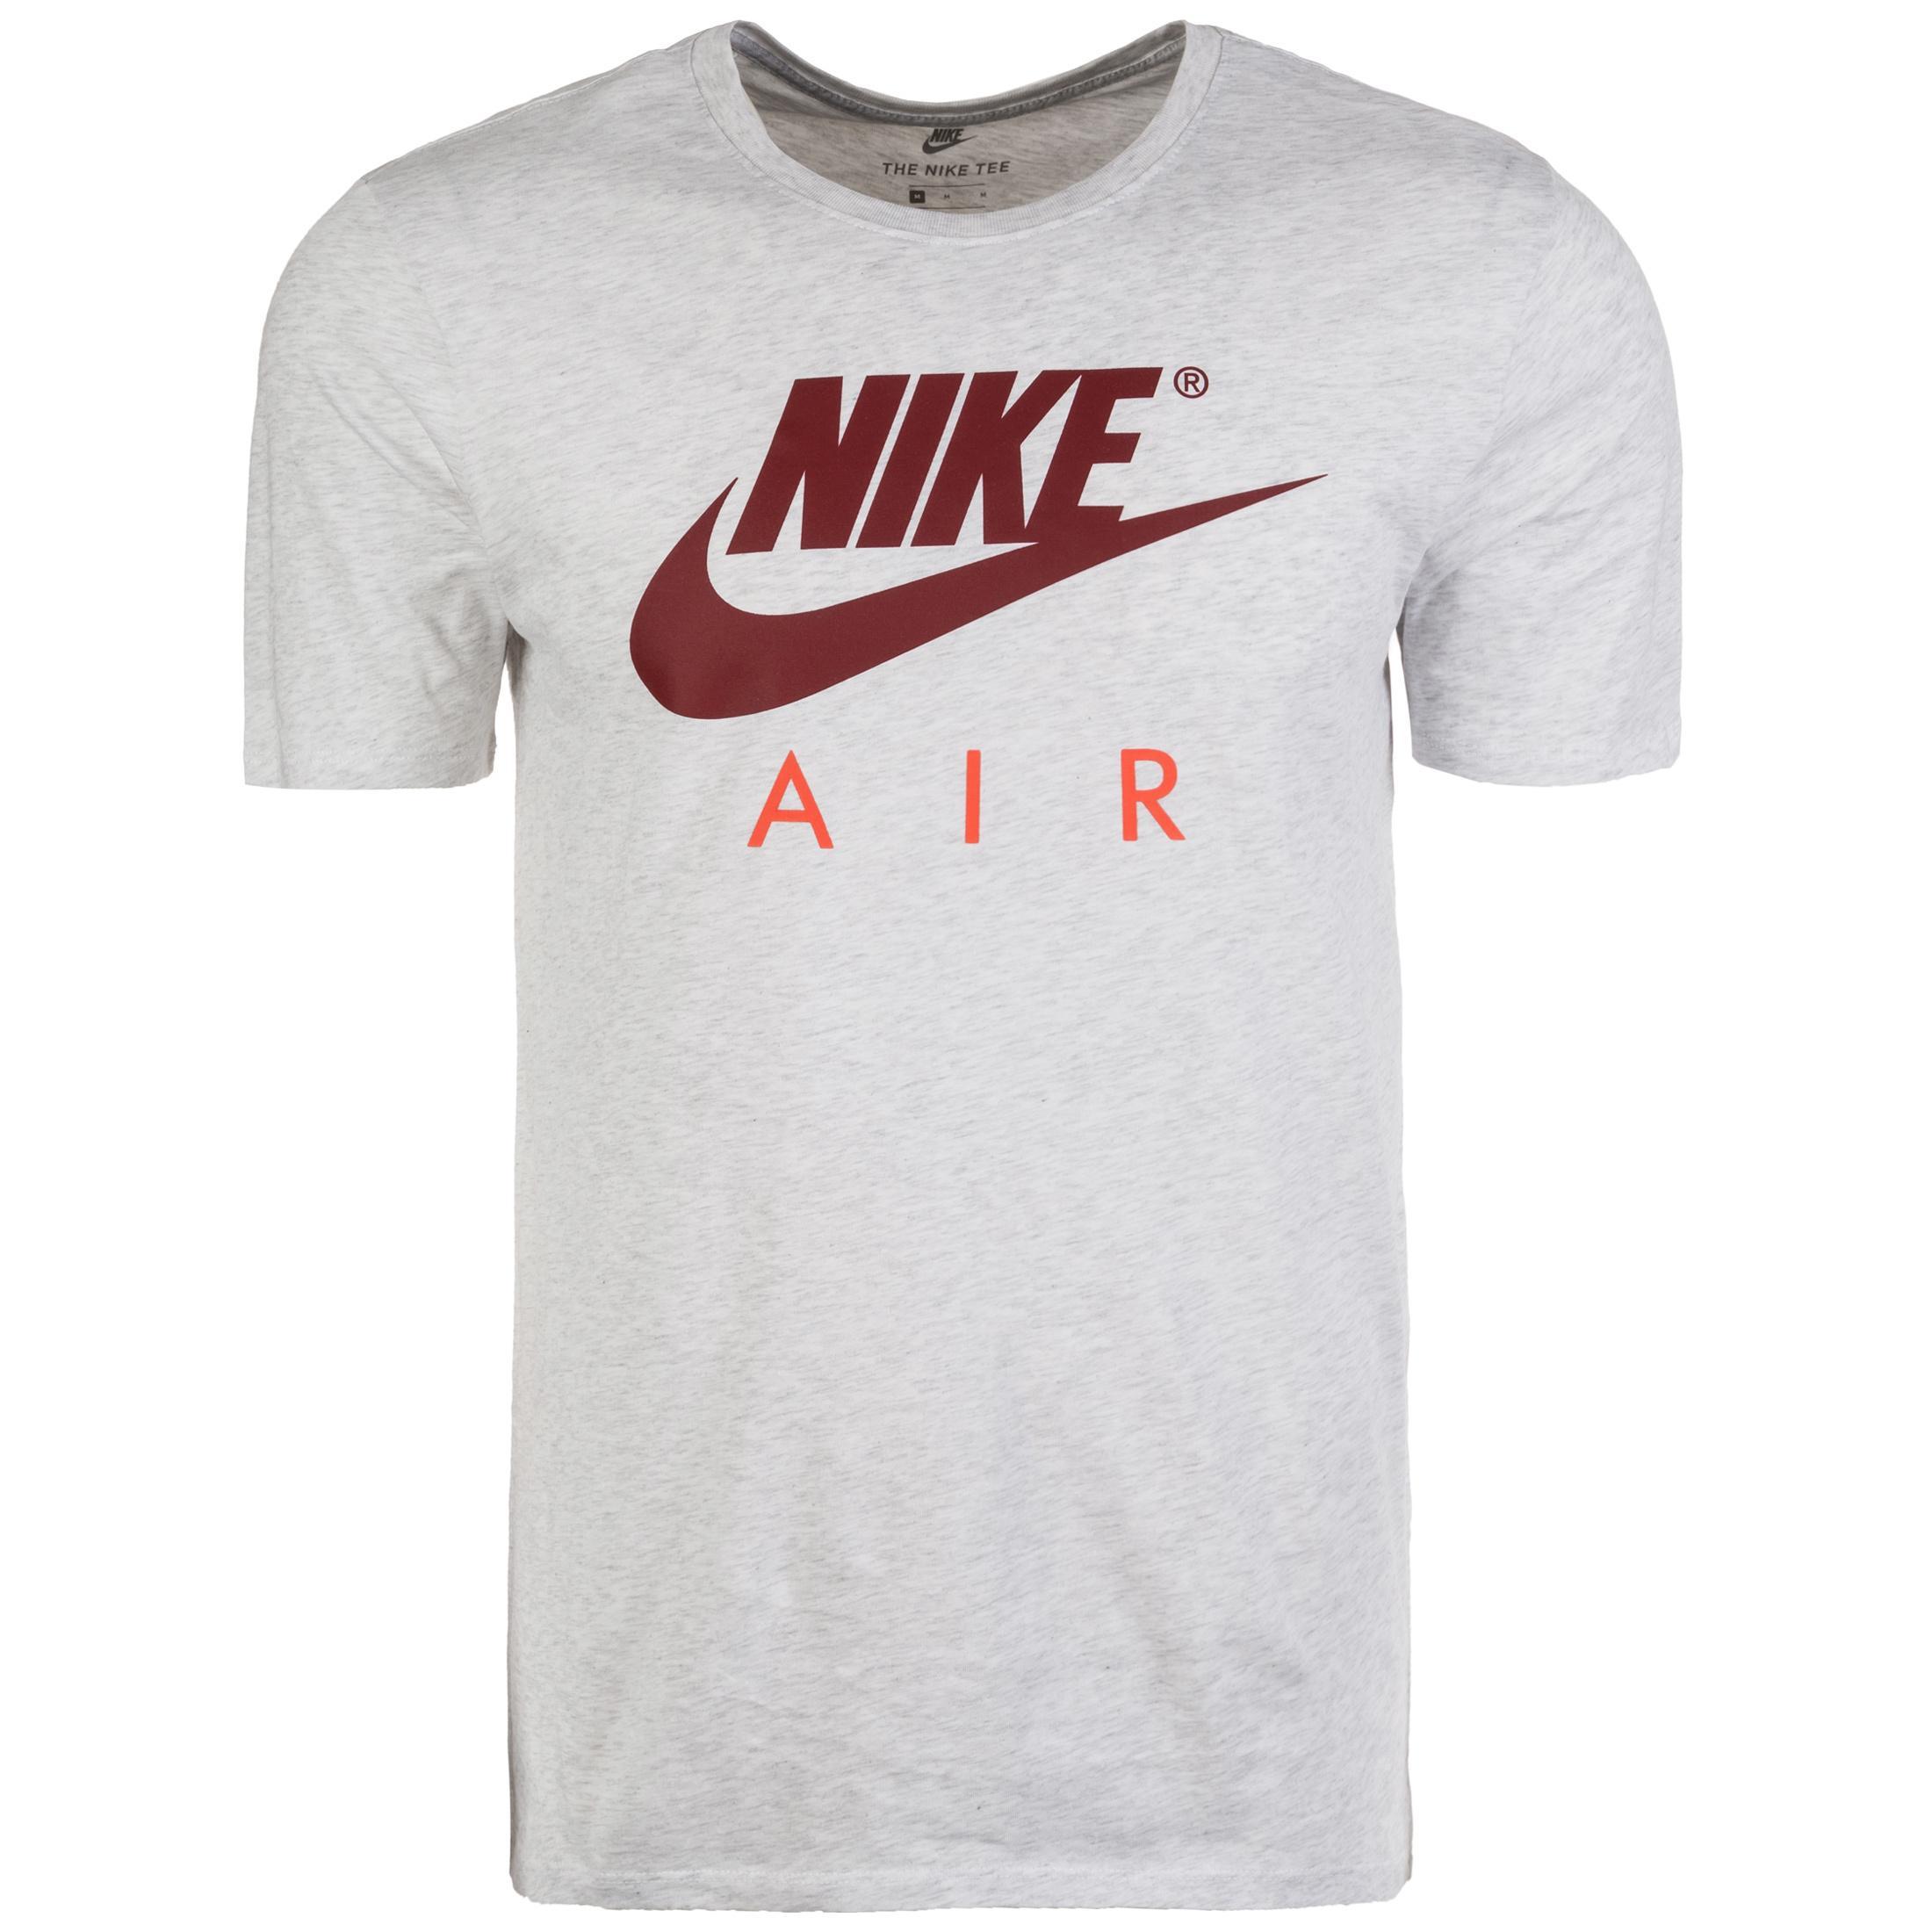 meet 9aeea 6057d Nike Air T-Shirt Herren weiß / rot im Online Shop von SportScheck kaufen